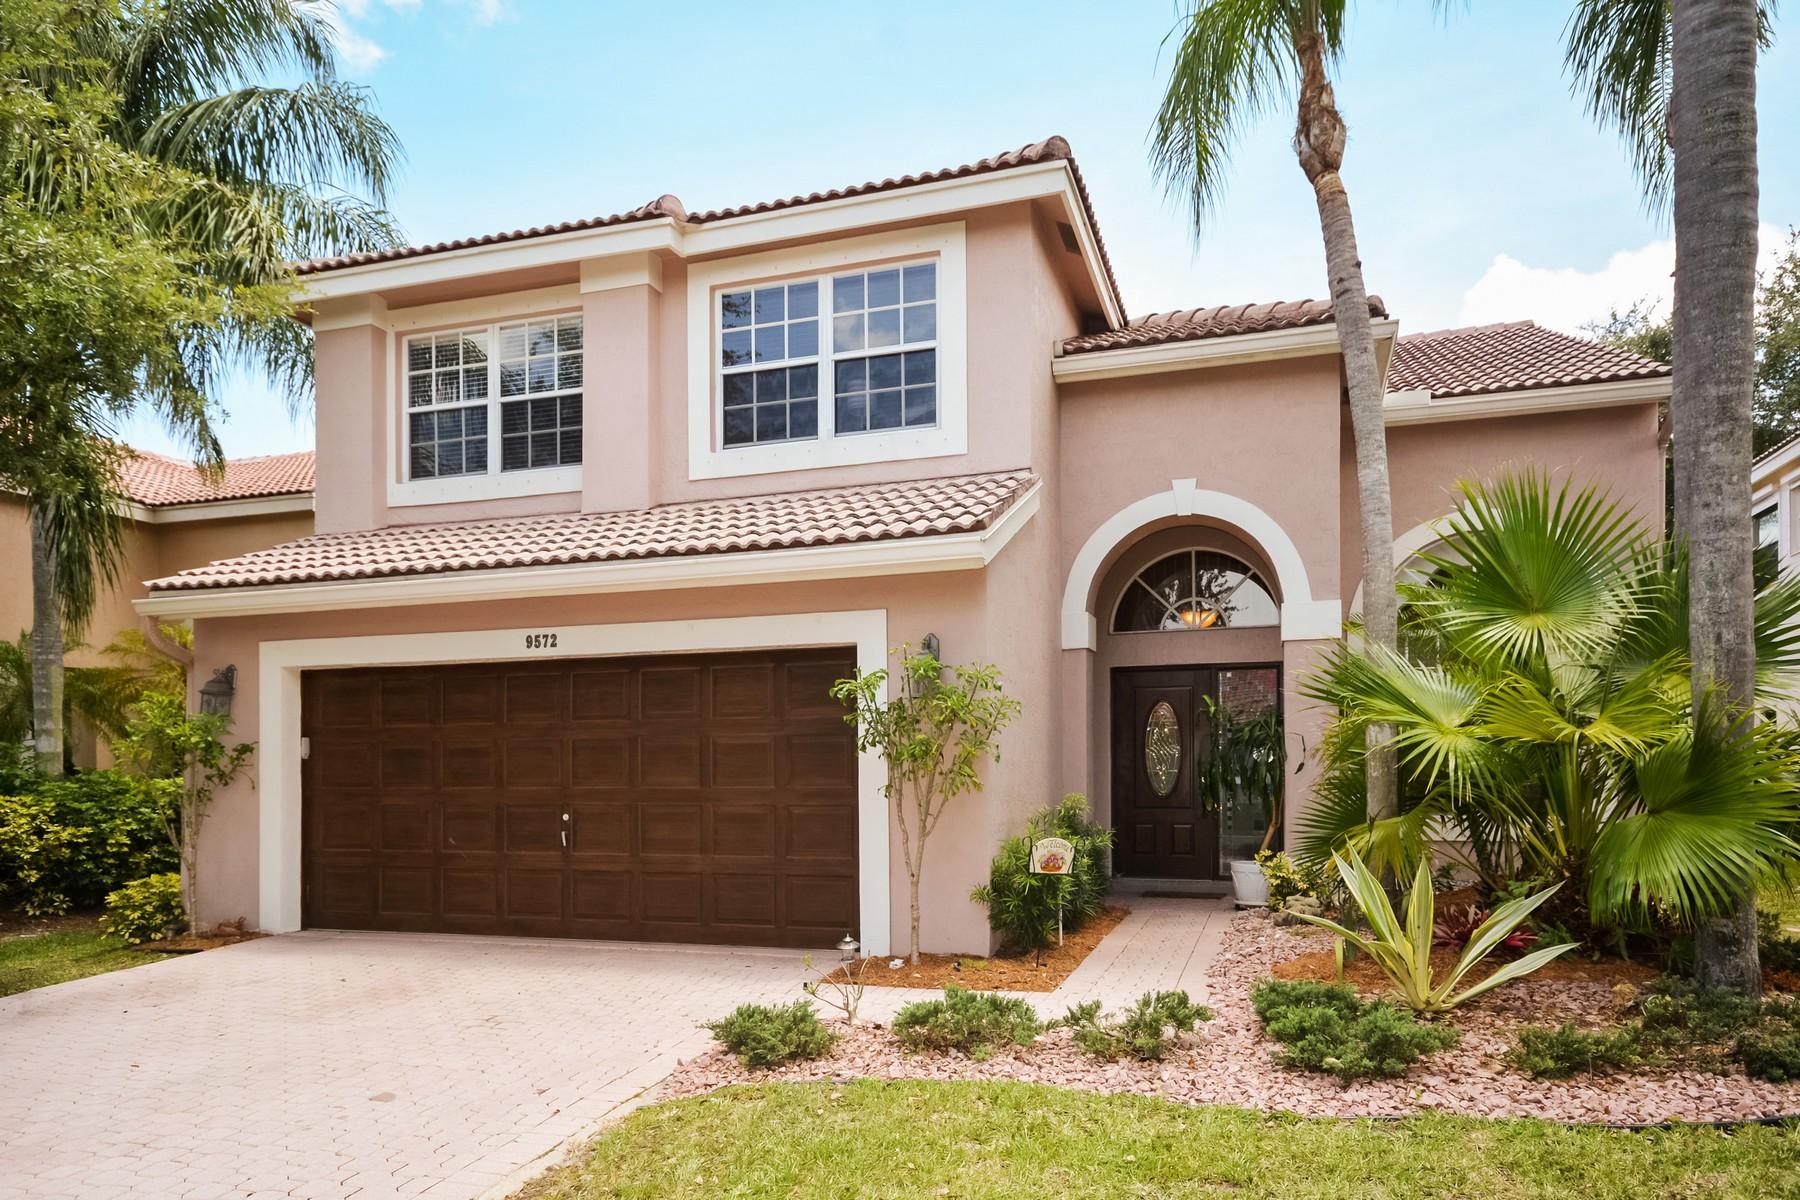 단독 가정 주택 용 매매 에 9572 Fox Trot Ln , Boca Raton, FL 33496 9572 Fox Trot Ln Boca Raton, 플로리다 33496 미국